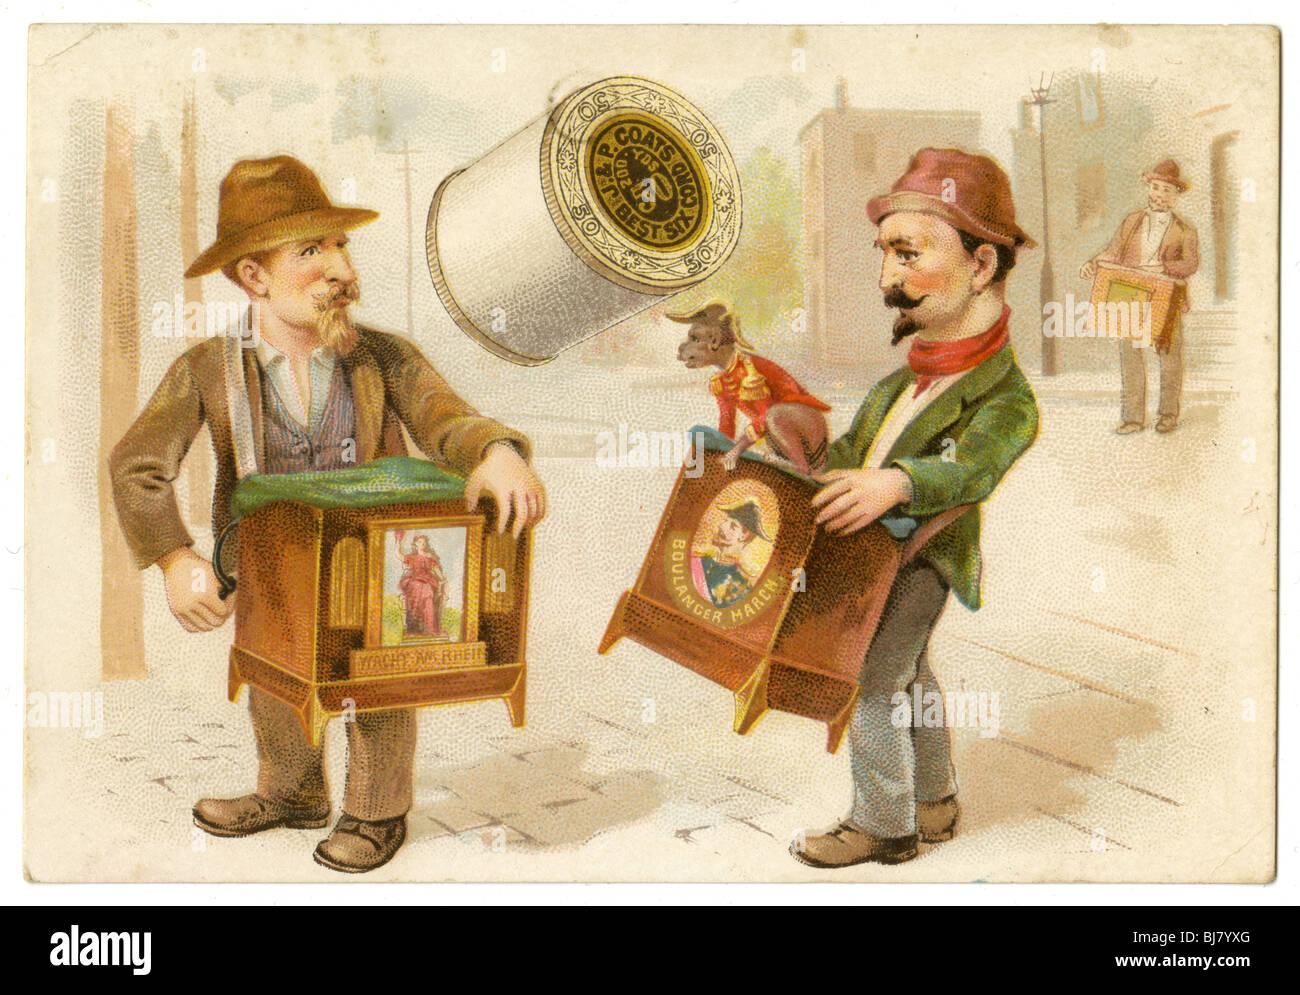 Ca. 1890 viktorianischen Handel Karte für J & P Coats Thread. Orgel-Schleifmaschinen mit Affen. Stockbild